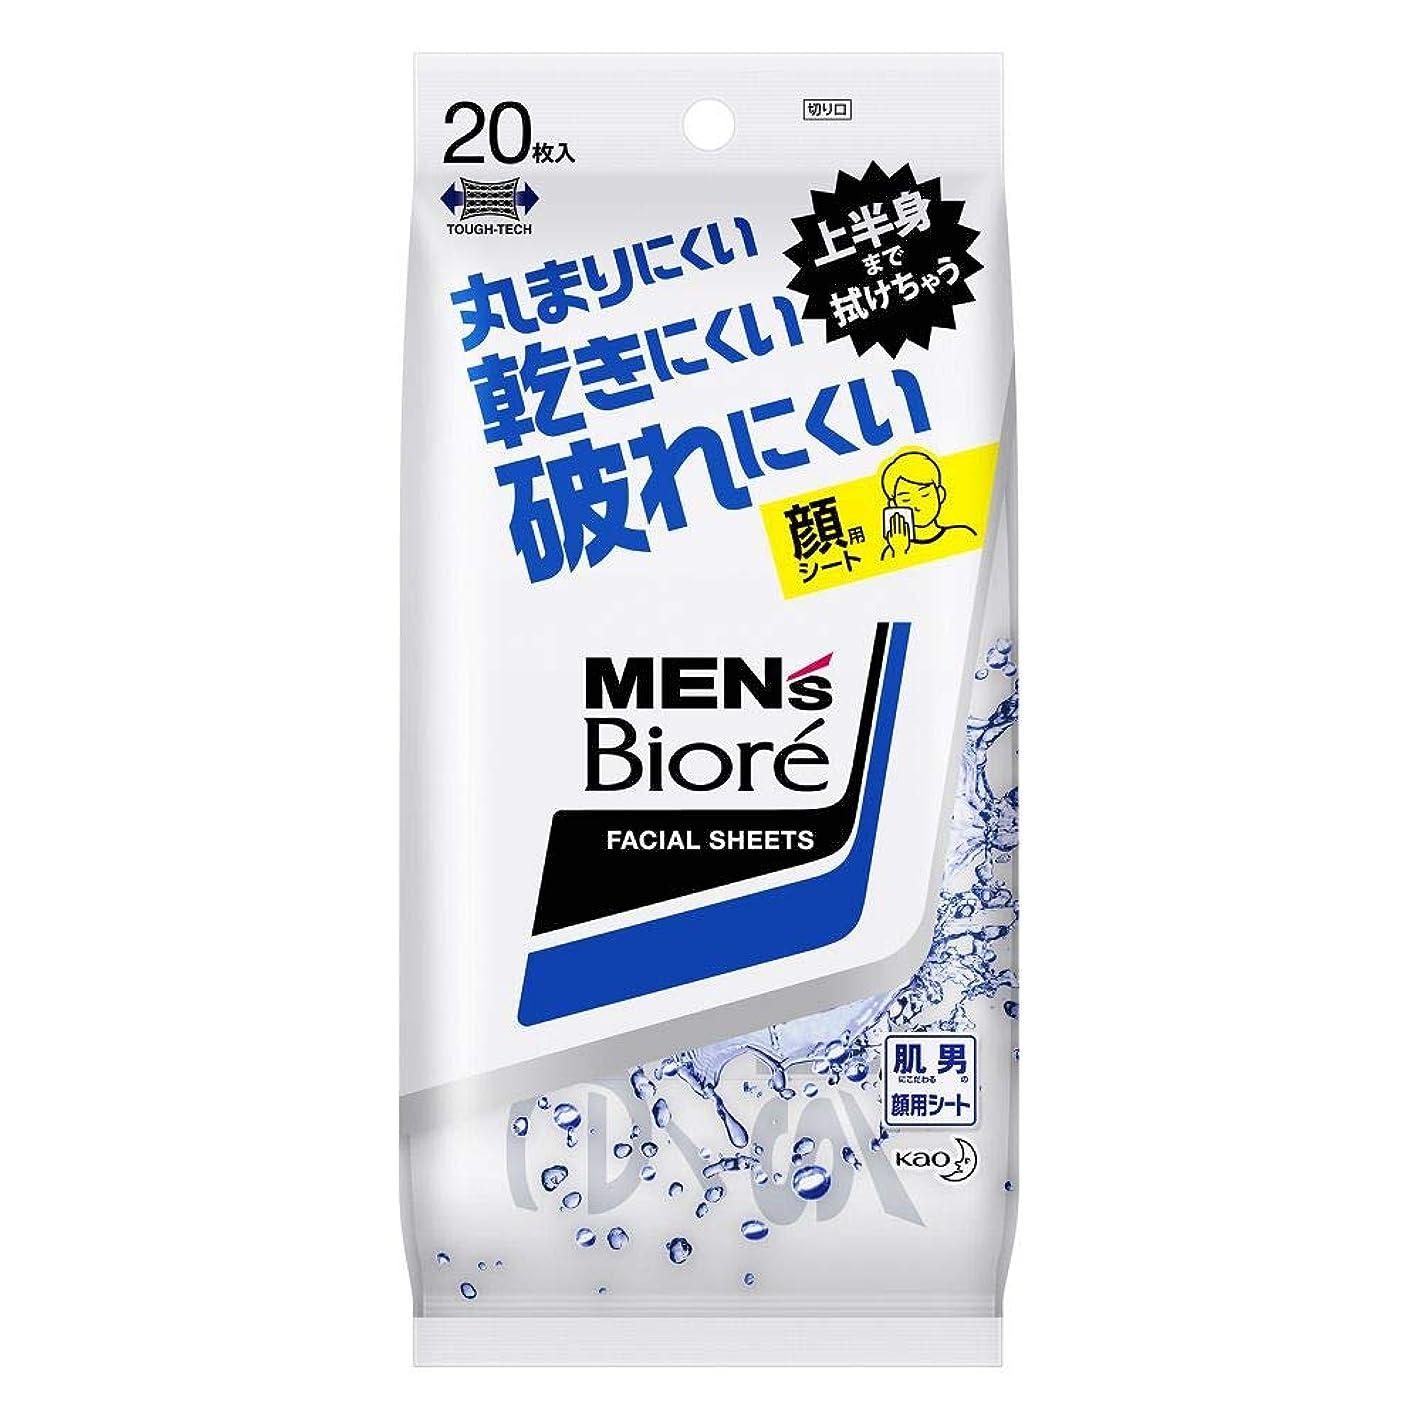 悲惨キノコ討論花王 メンズビオレ 洗顔シート 携帯用 20枚